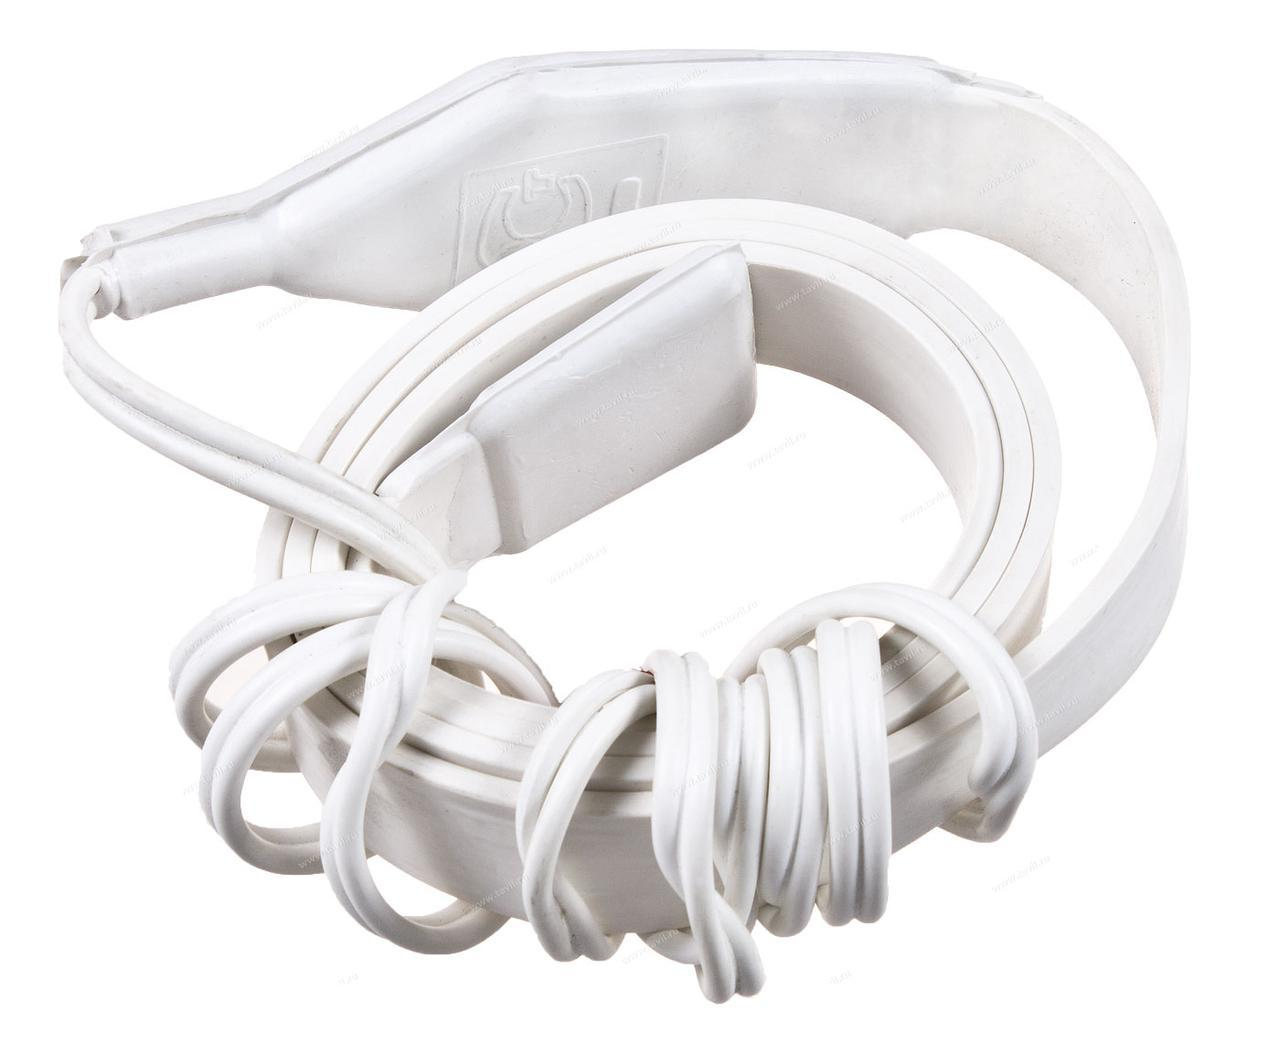 Нагреватель гибкий ленточный ЭНГЛ-1-0,03/12в -2,0м